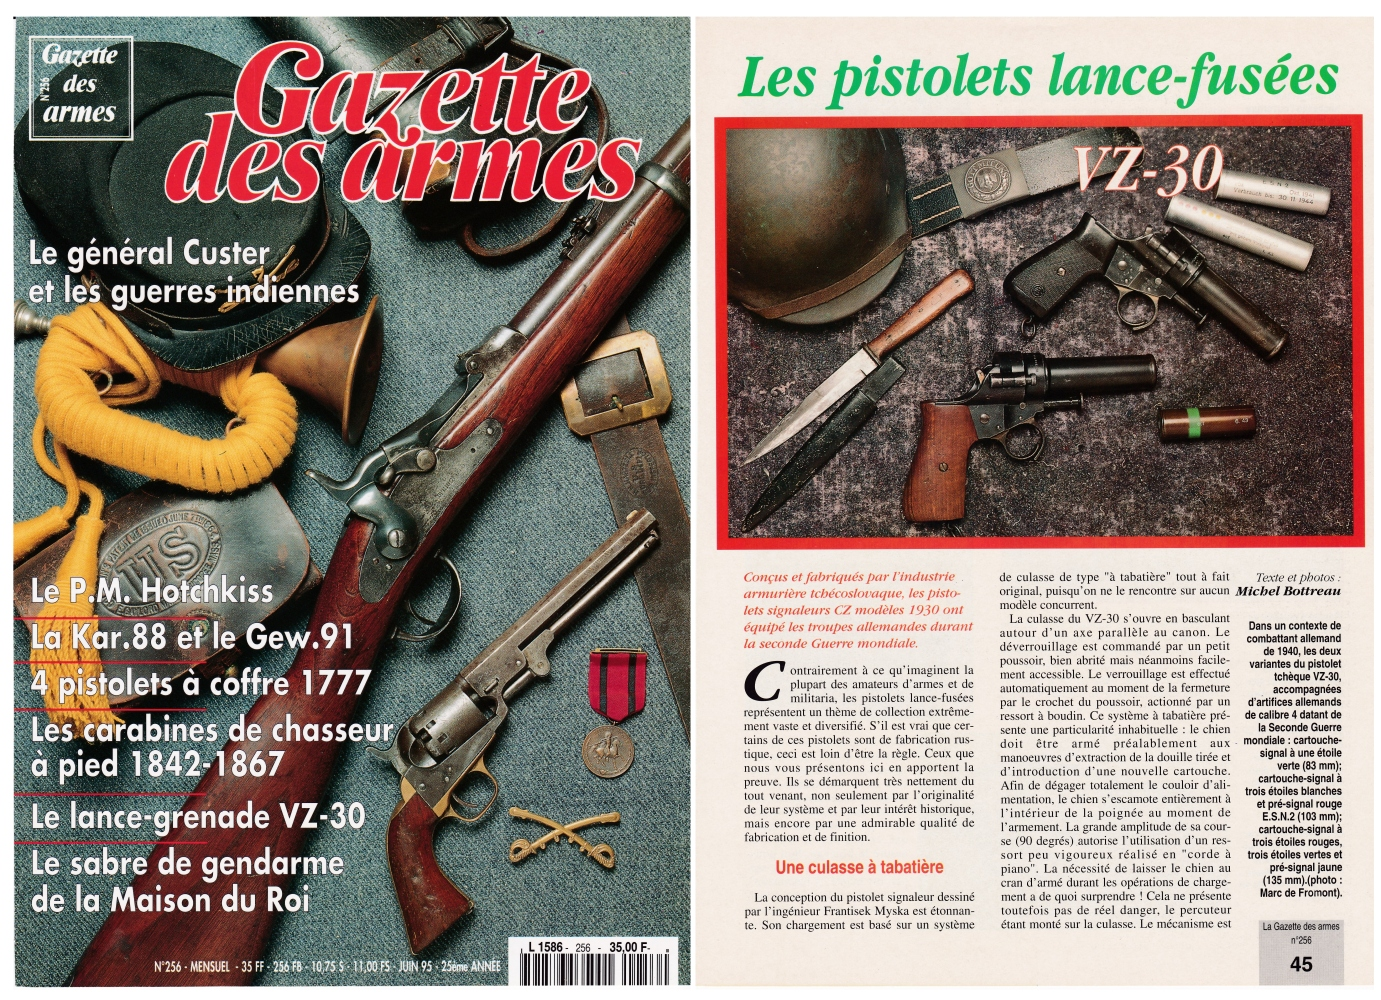 Le pistolet lance-fusées tchèque VZ-30 a fait l'objet d'une publication sur 4 pages dans le magazine Gazette des Armes n°256 (juin 1995).